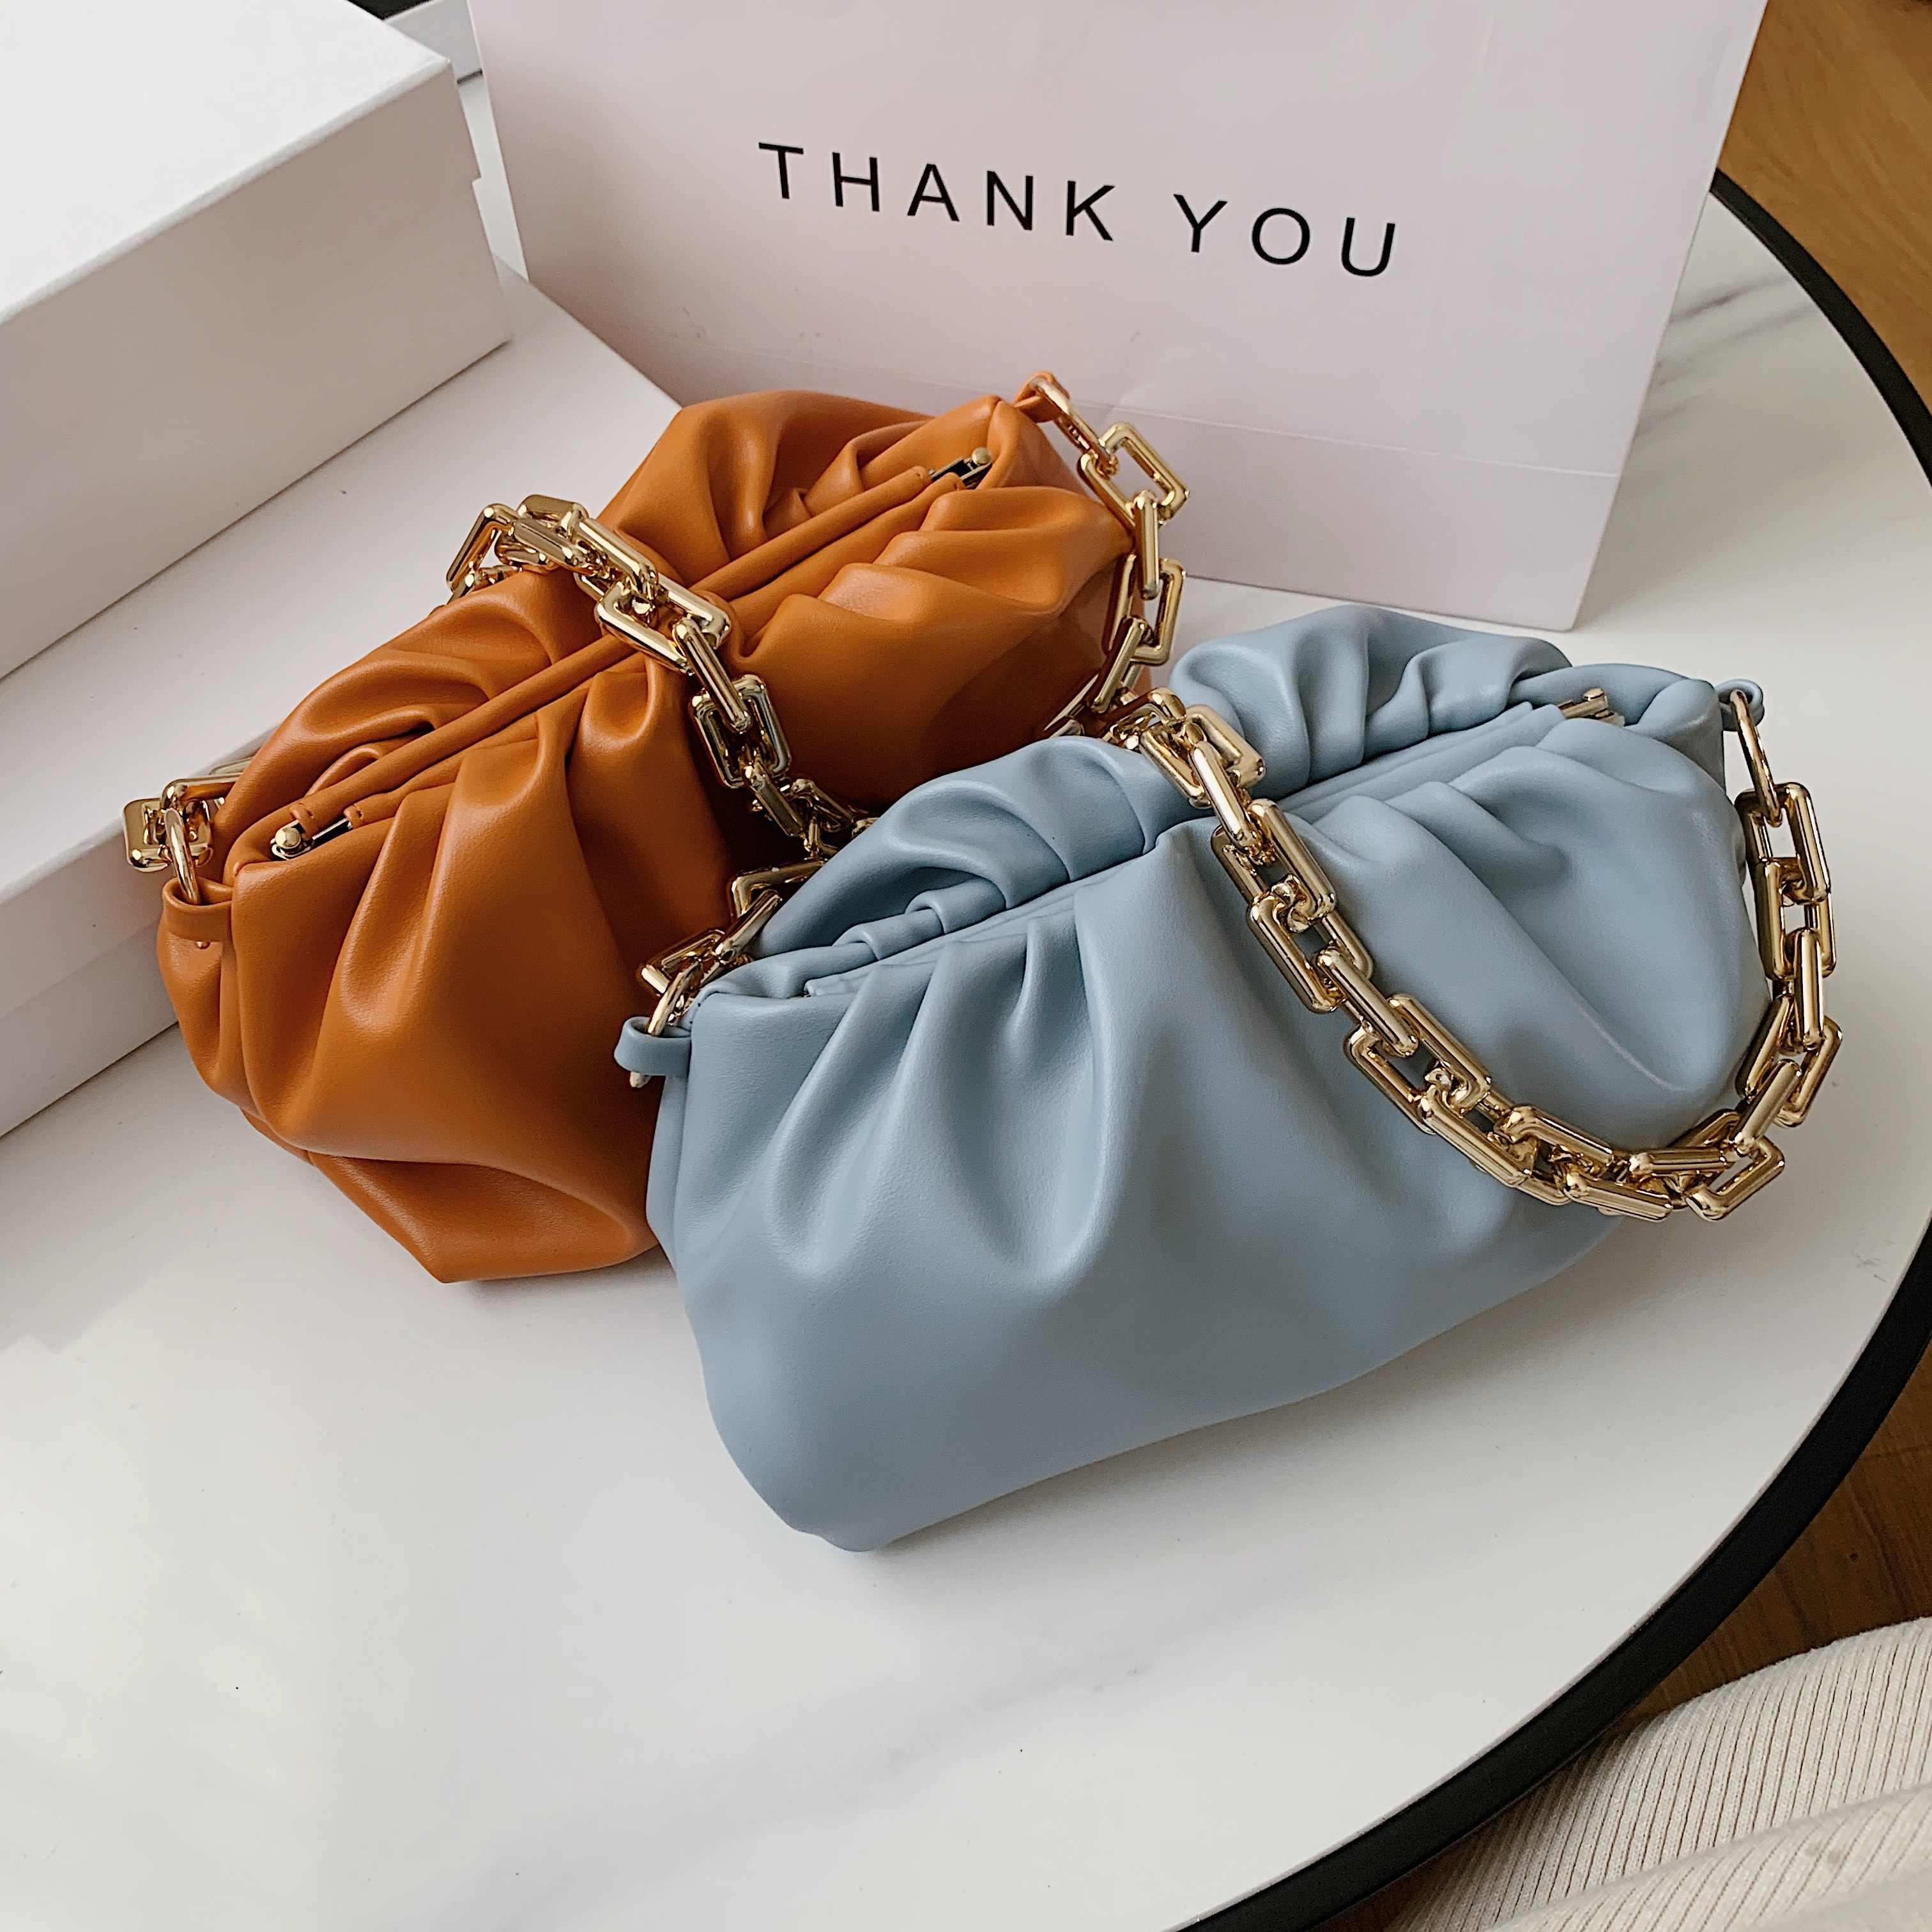 Gold Kette PU Leder Tasche Für Frauen 2020 Sommer Achselhöhle tasche Dame Schulter Handtaschen Weibliche Einfarbig Reise Hand Tasche